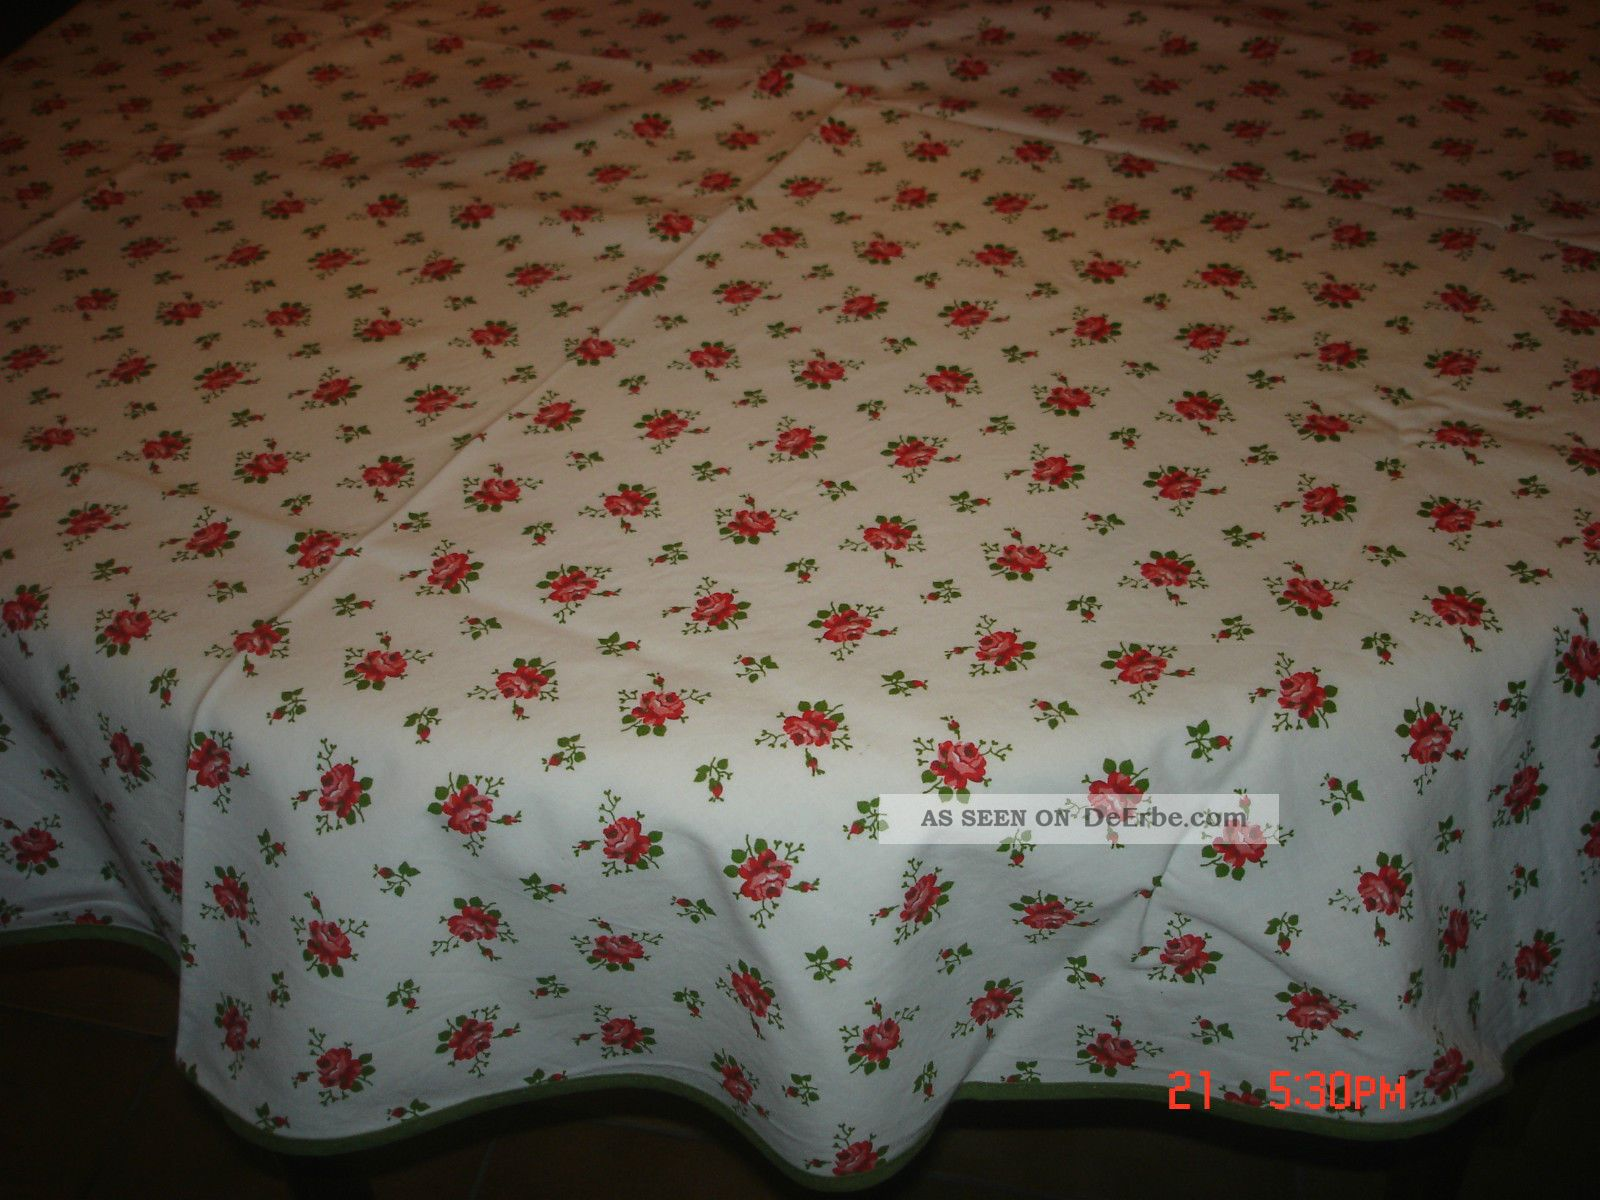 tischdecke 50er rund 144cm mit roten rosen shabby chic wohl nie benutzt paspel. Black Bedroom Furniture Sets. Home Design Ideas